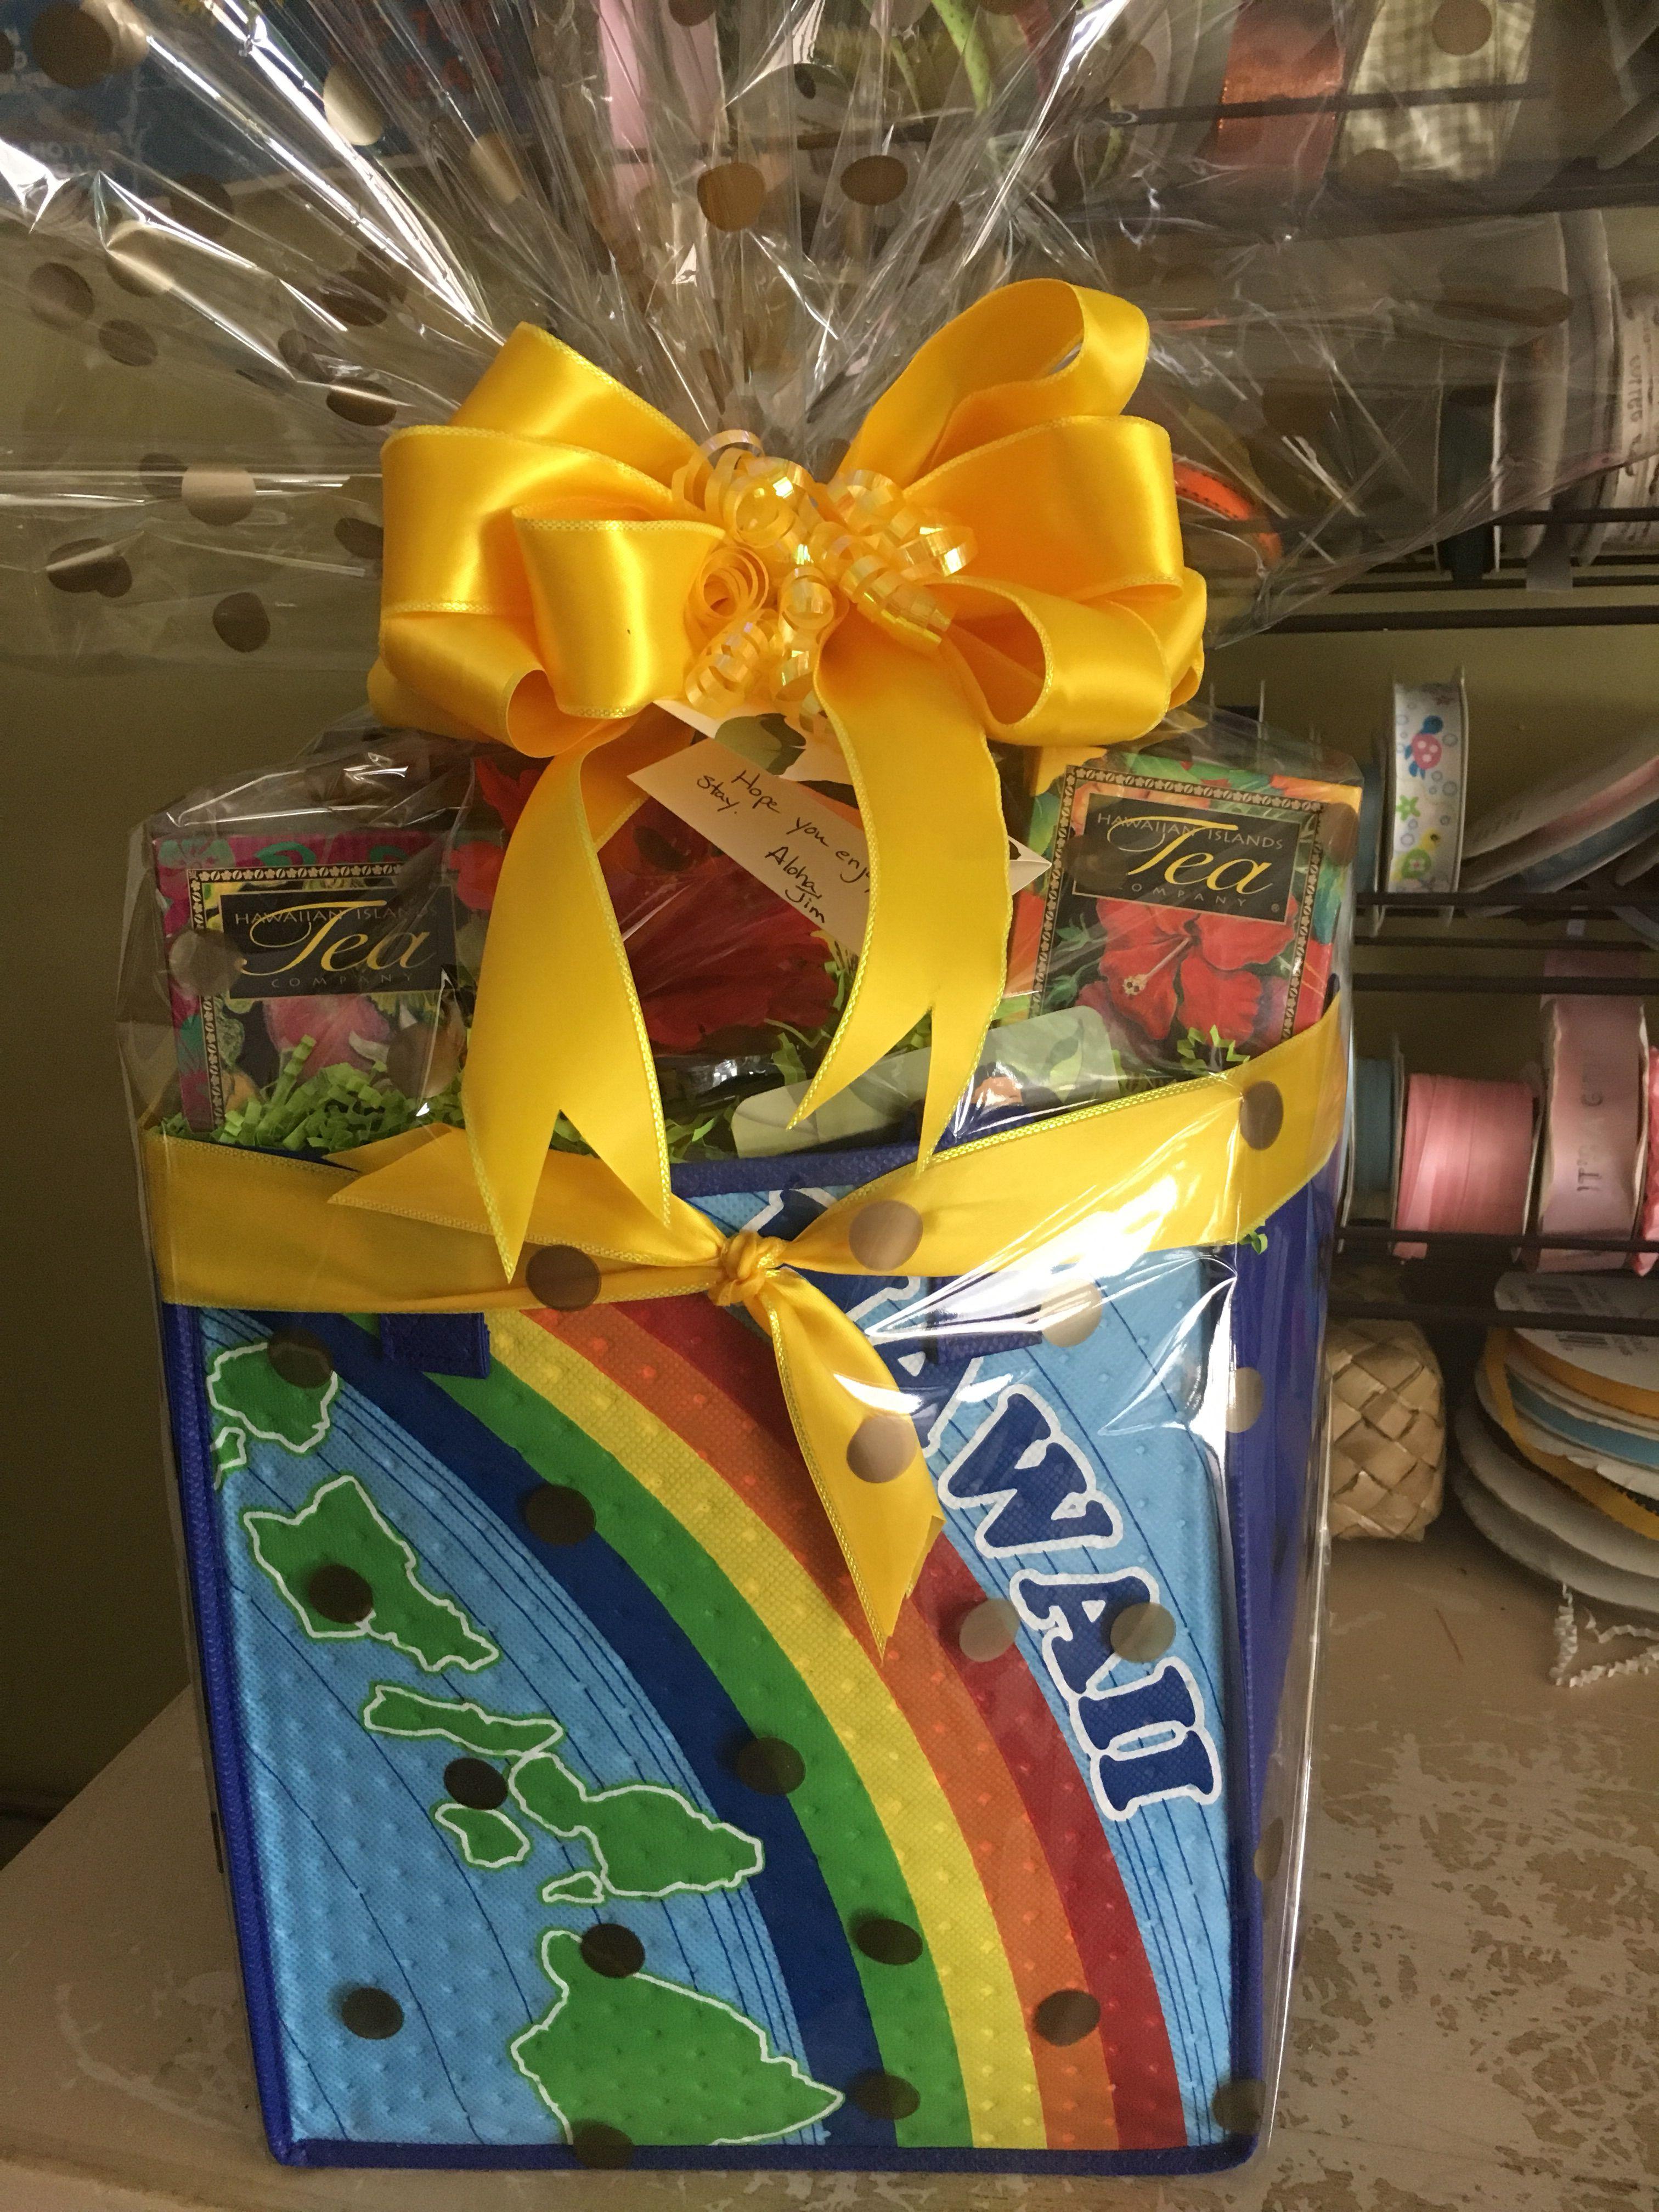 Aloha from hawaii hawaiian gifts hawaii gift gift baskets